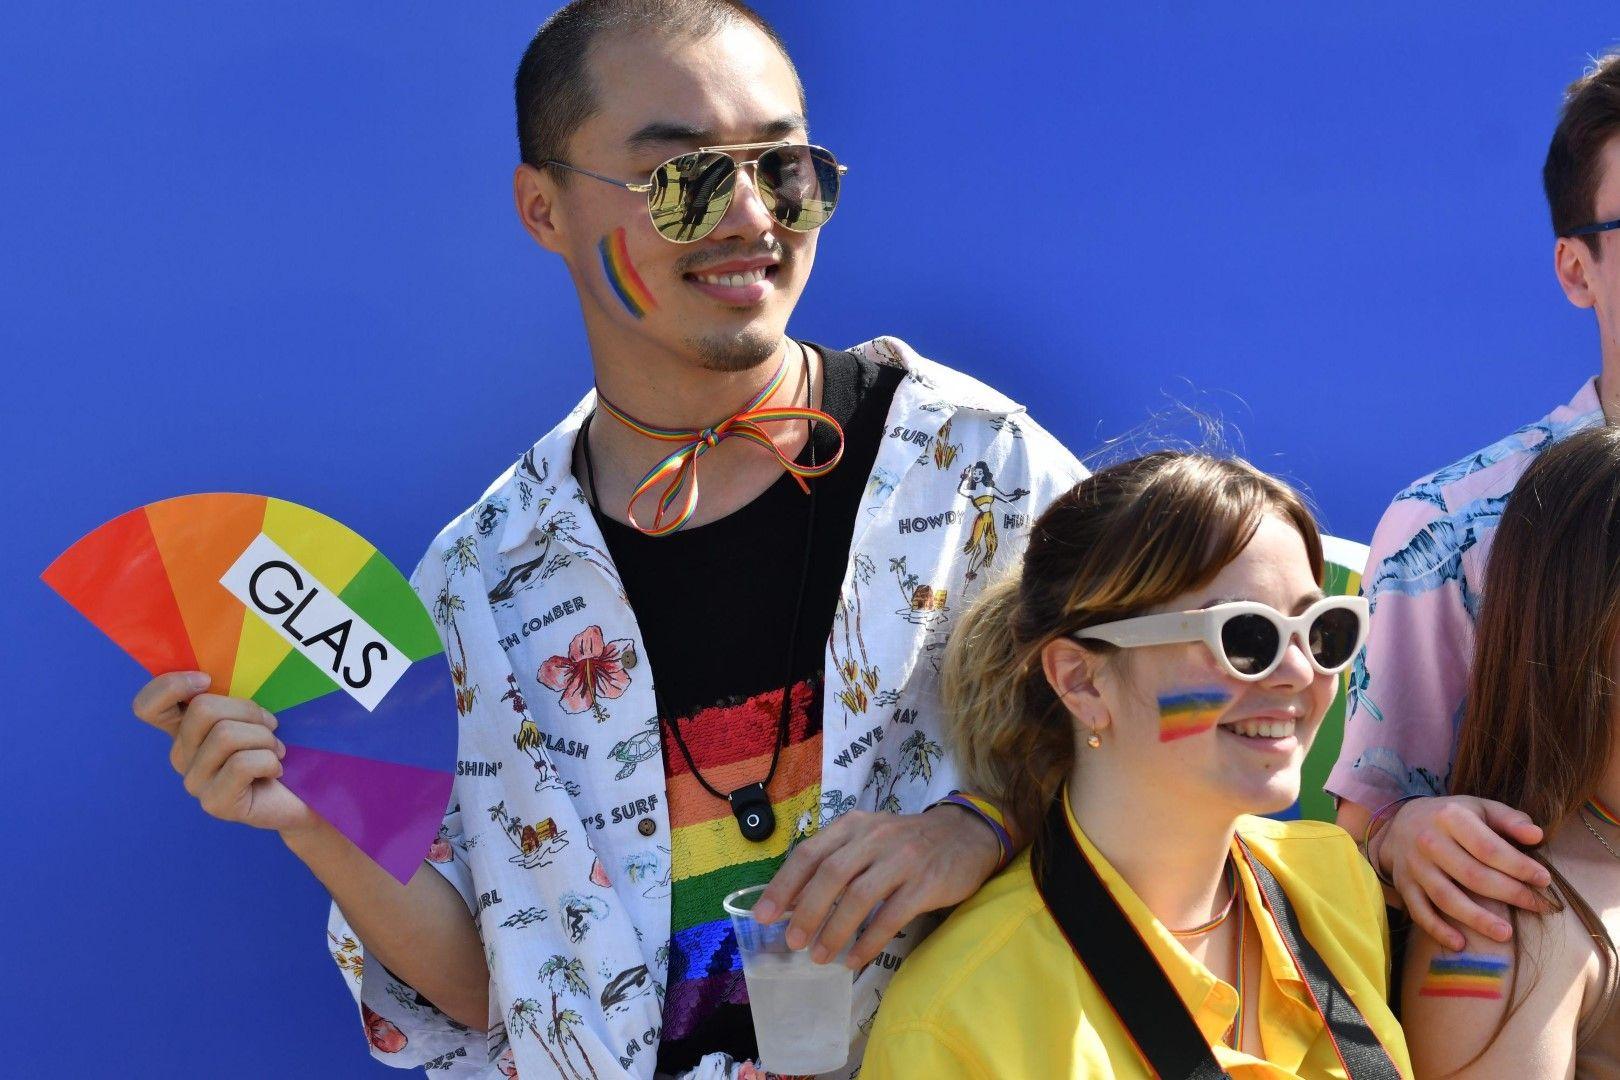 Гейовете искат равни права, искат да бъдат приемани